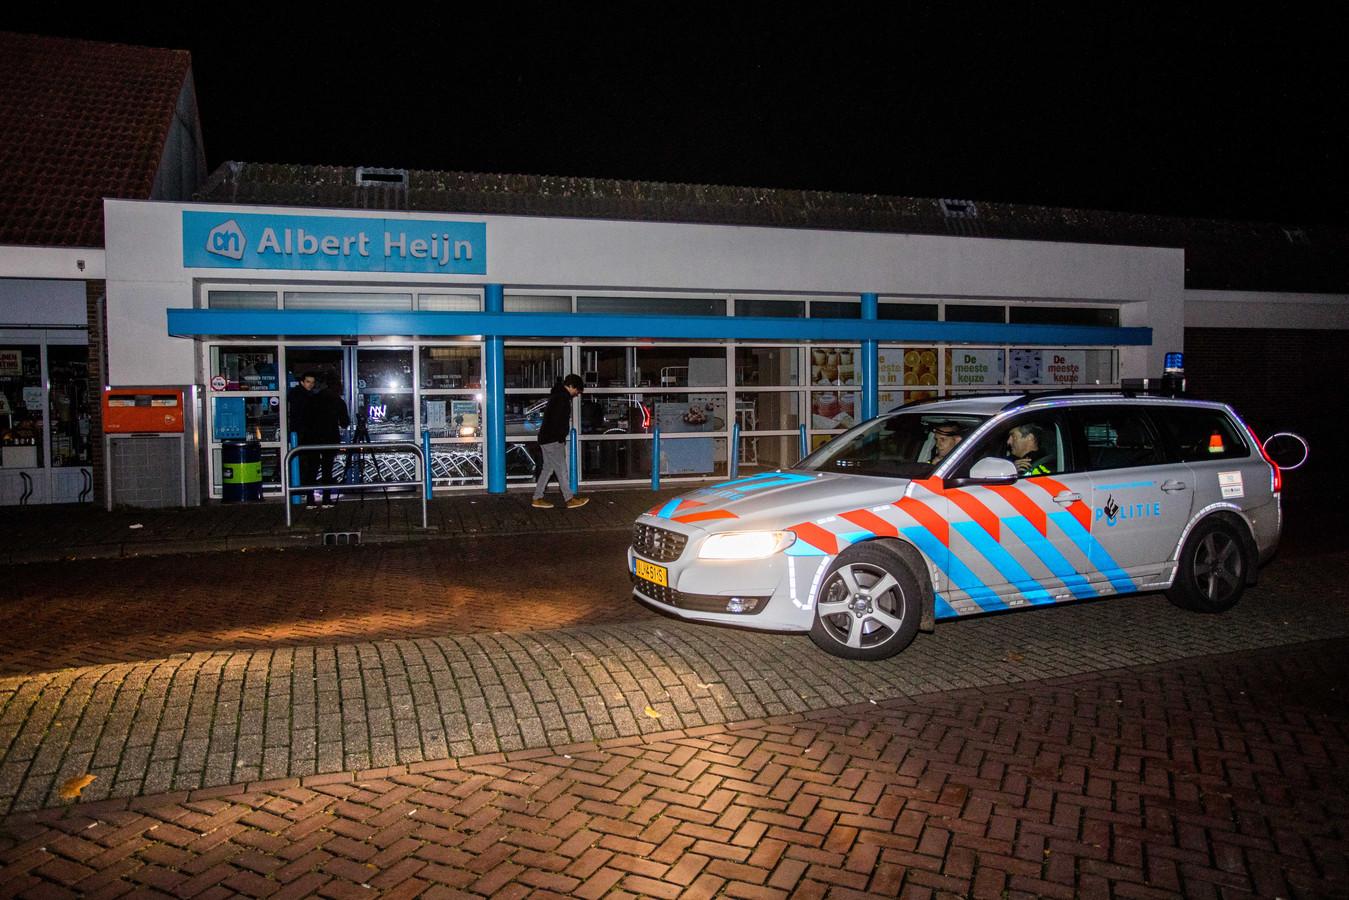 Een politie-auto bij een Albert Heijn in Culemborg tijdens de stroomstoring.